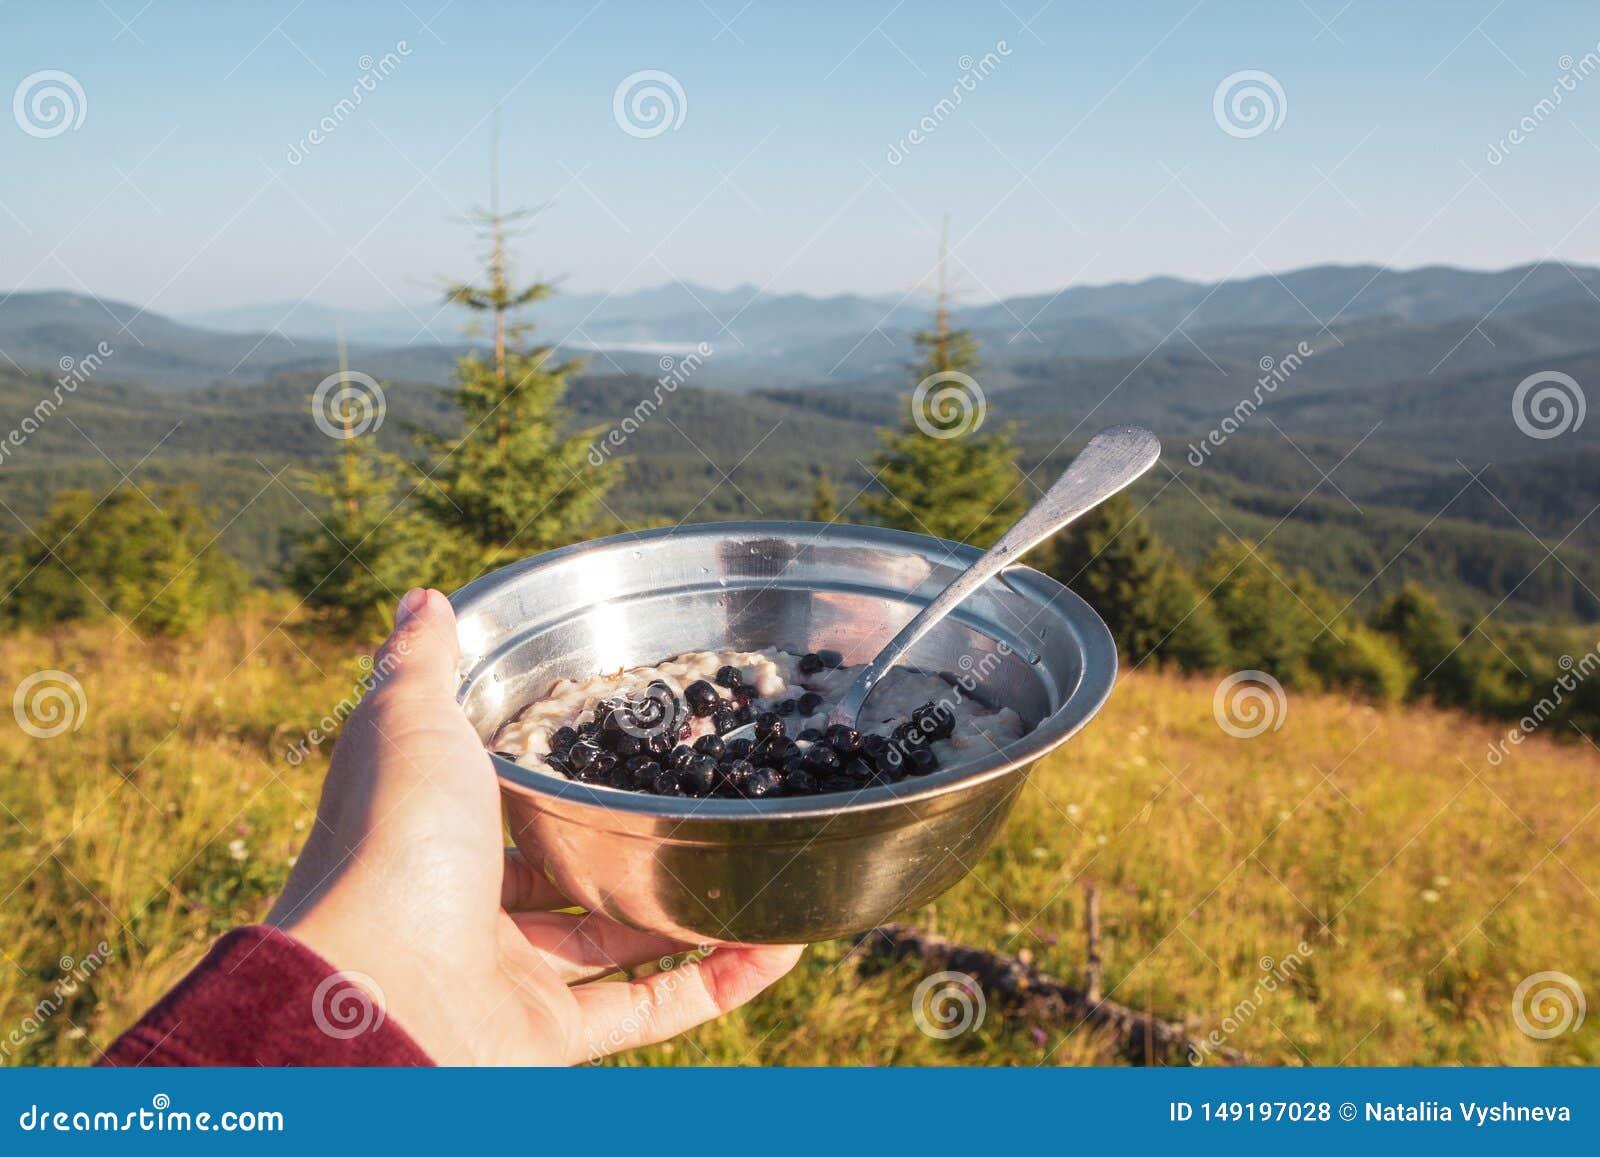 Petit d?jeuner dans la hausse, un bol de gruau et baies dans la main femelle sur le fond du paysage de montagne de matin